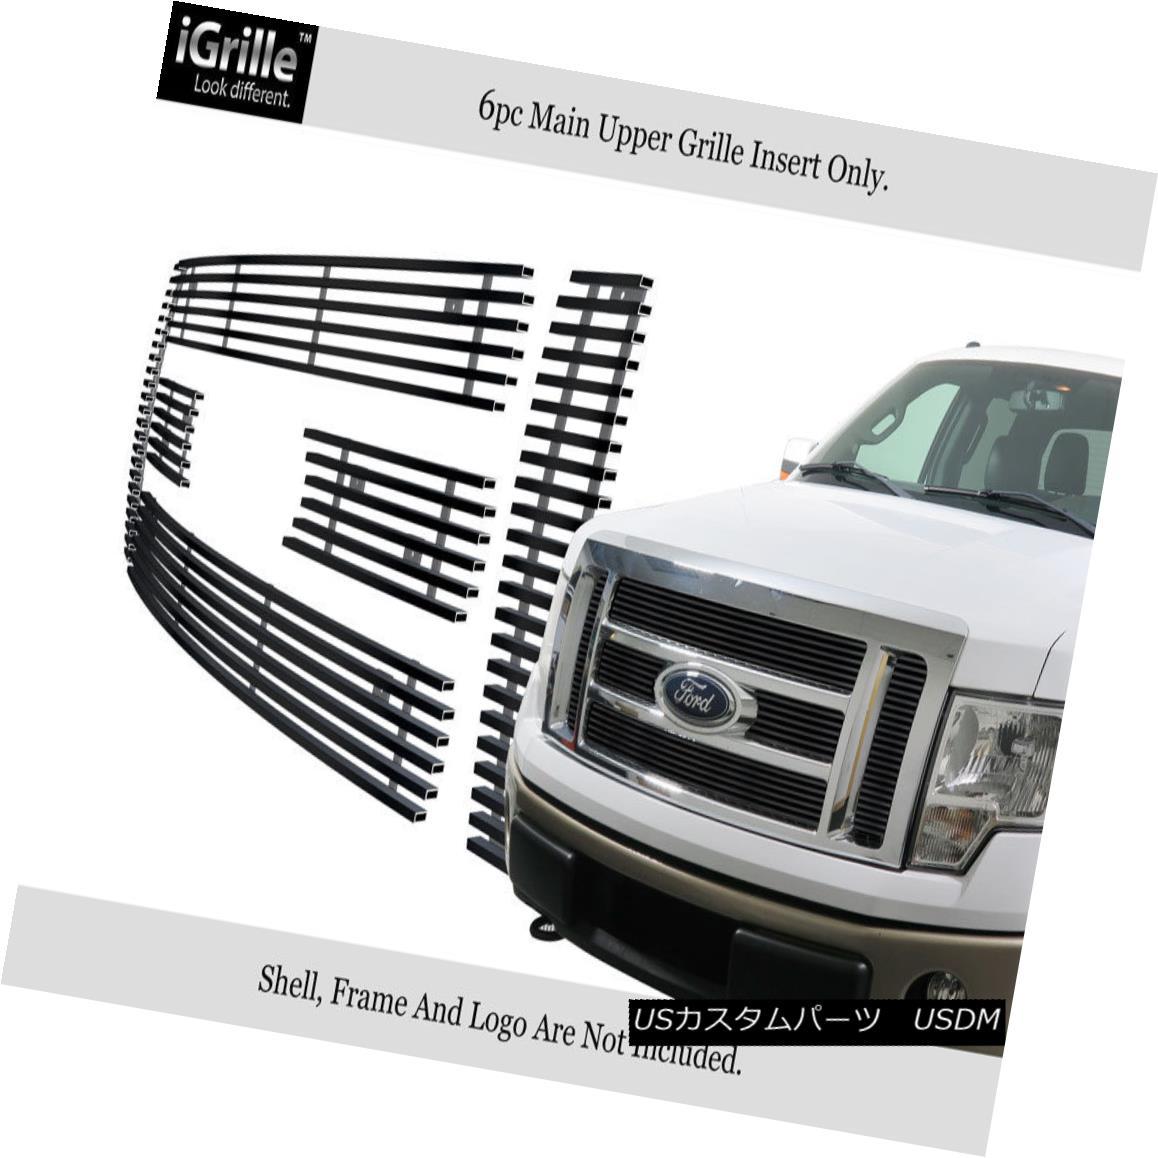 グリル For 2009-2012 Ford F-150 Lariat/King Ranch Black Stainless Steel Billet Grille 2009-2012フォードF-150ラリアット/キングランチブラックステンレススチールビレットグリル